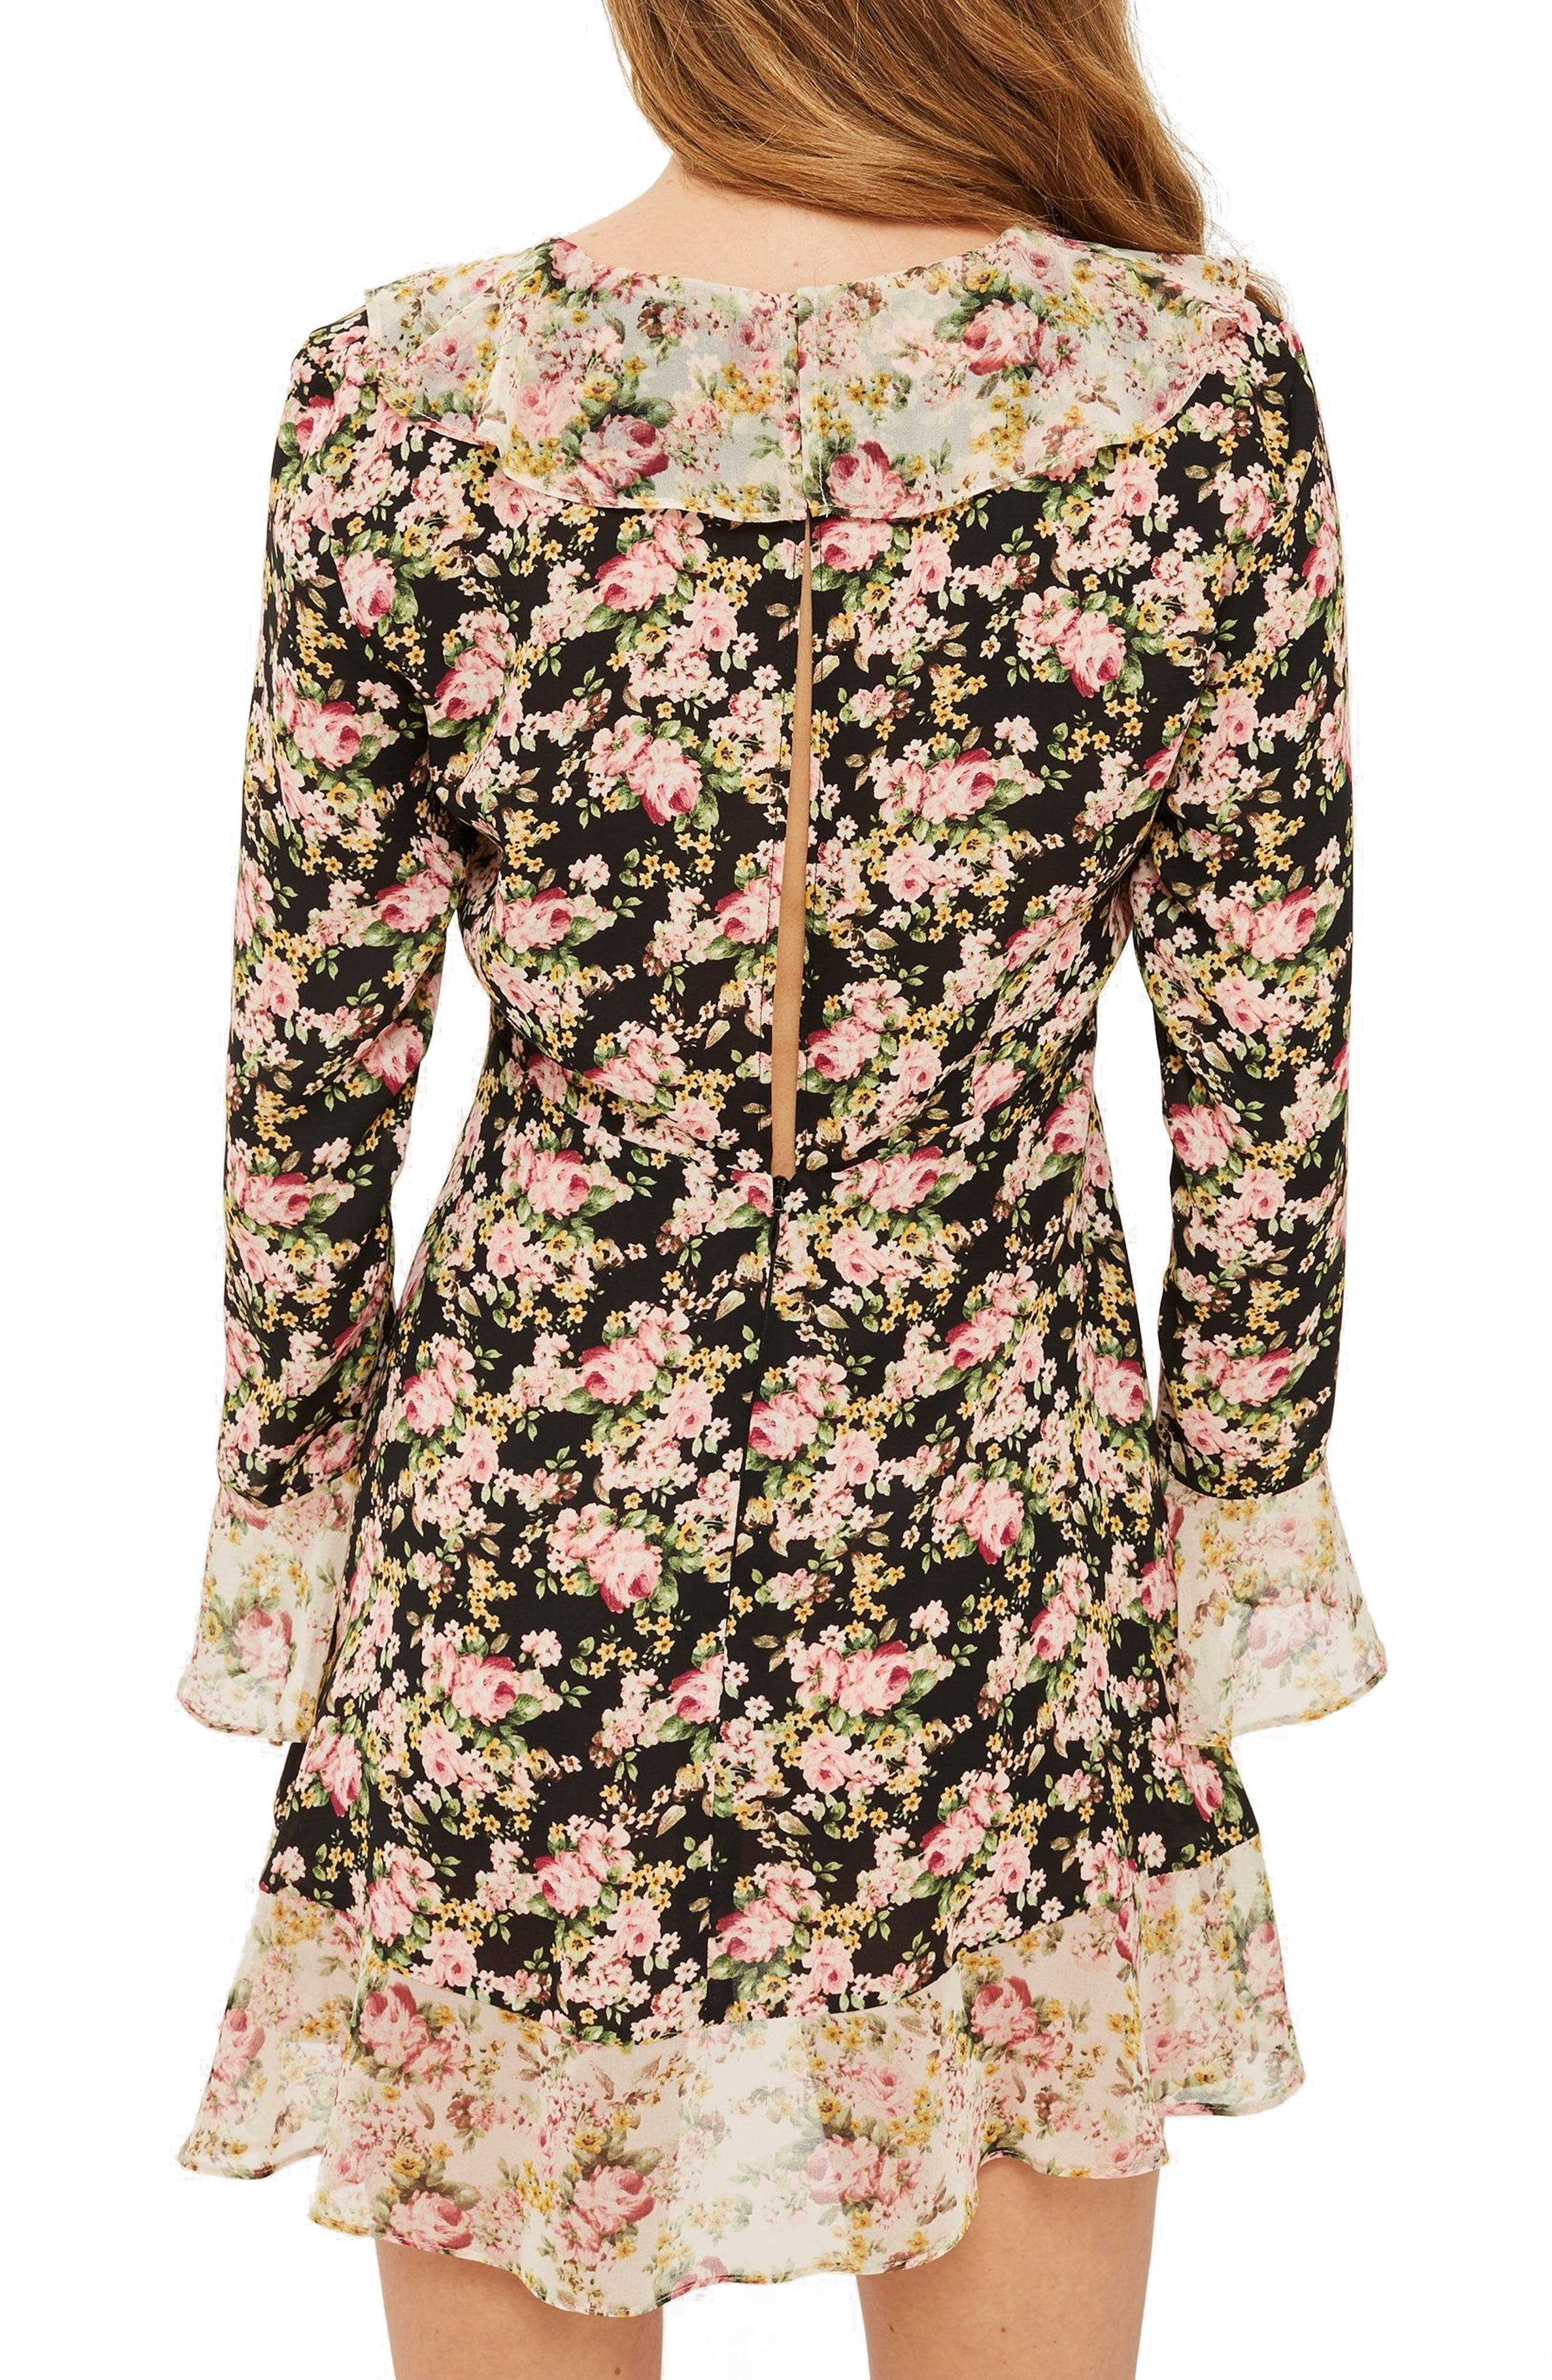 True Romance Ruffle Minidress,                             Alternate thumbnail 3, color,                             Black Multi